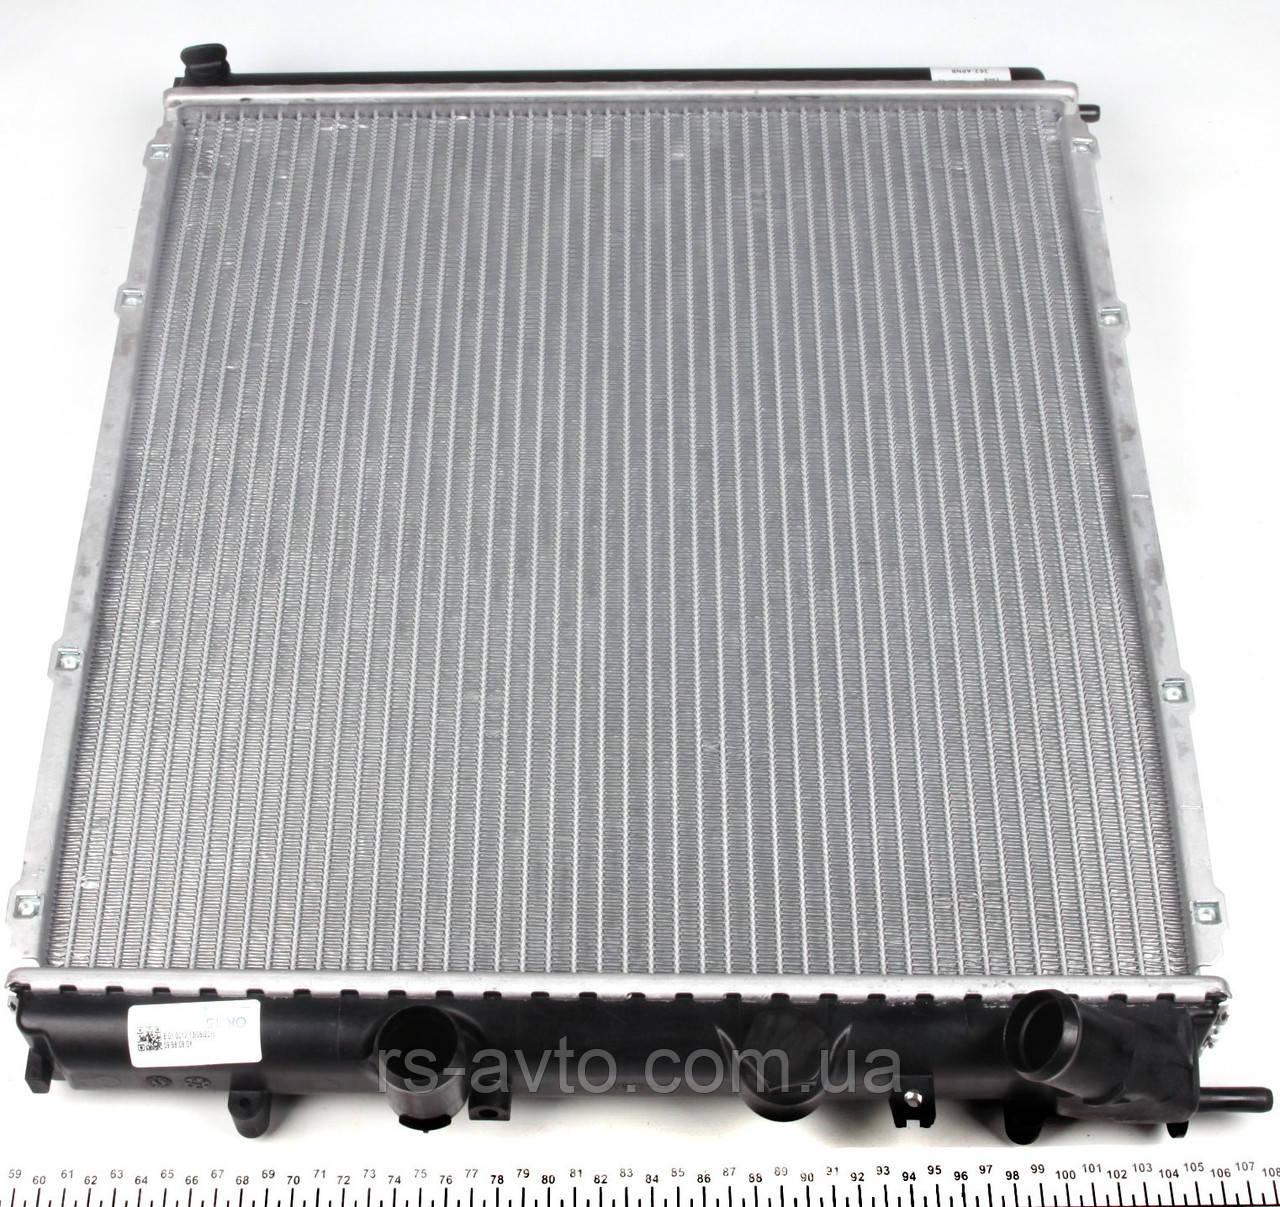 Радіатор охолодження Renault Kangoo, Рено Кенго 1.9 D (-AC) 58075